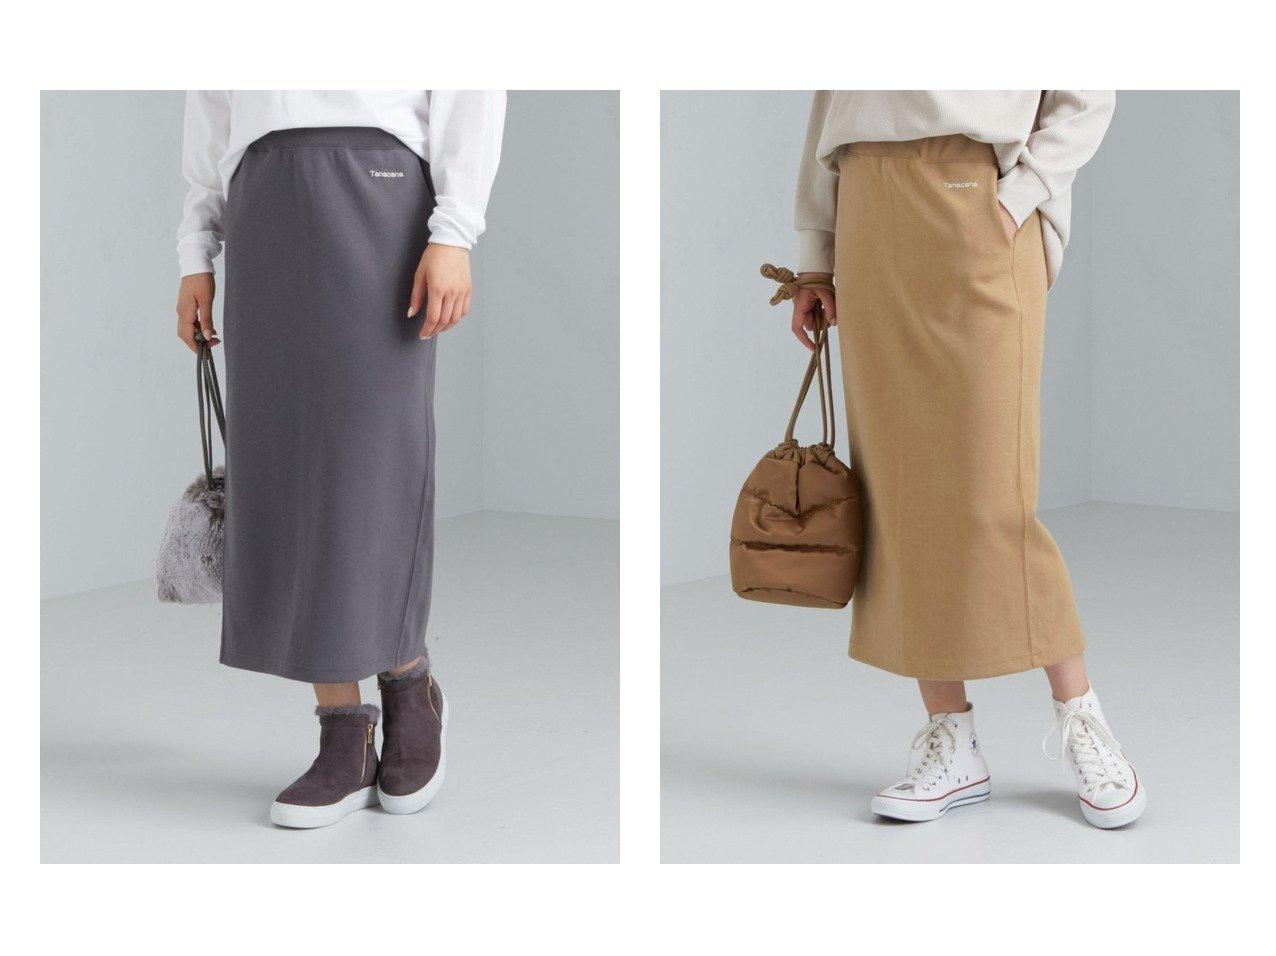 【green label relaxing / UNITED ARROWS/グリーンレーベル リラクシング / ユナイテッドアローズ】のTanacana (タナカーナ) SC ダンボール タイト スカート スカートのおすすめ!人気、トレンド・レディースファッションの通販 おすすめで人気の流行・トレンド、ファッションの通販商品 メンズファッション・キッズファッション・インテリア・家具・レディースファッション・服の通販 founy(ファニー) https://founy.com/ ファッション Fashion レディースファッション WOMEN スカート Skirt ロングスカート Long Skirt インド 春 Spring 秋 Autumn/Fall シューズ スニーカー セットアップ センター タイトスカート ベーシック ミモレ ロング |ID:crp329100000013414